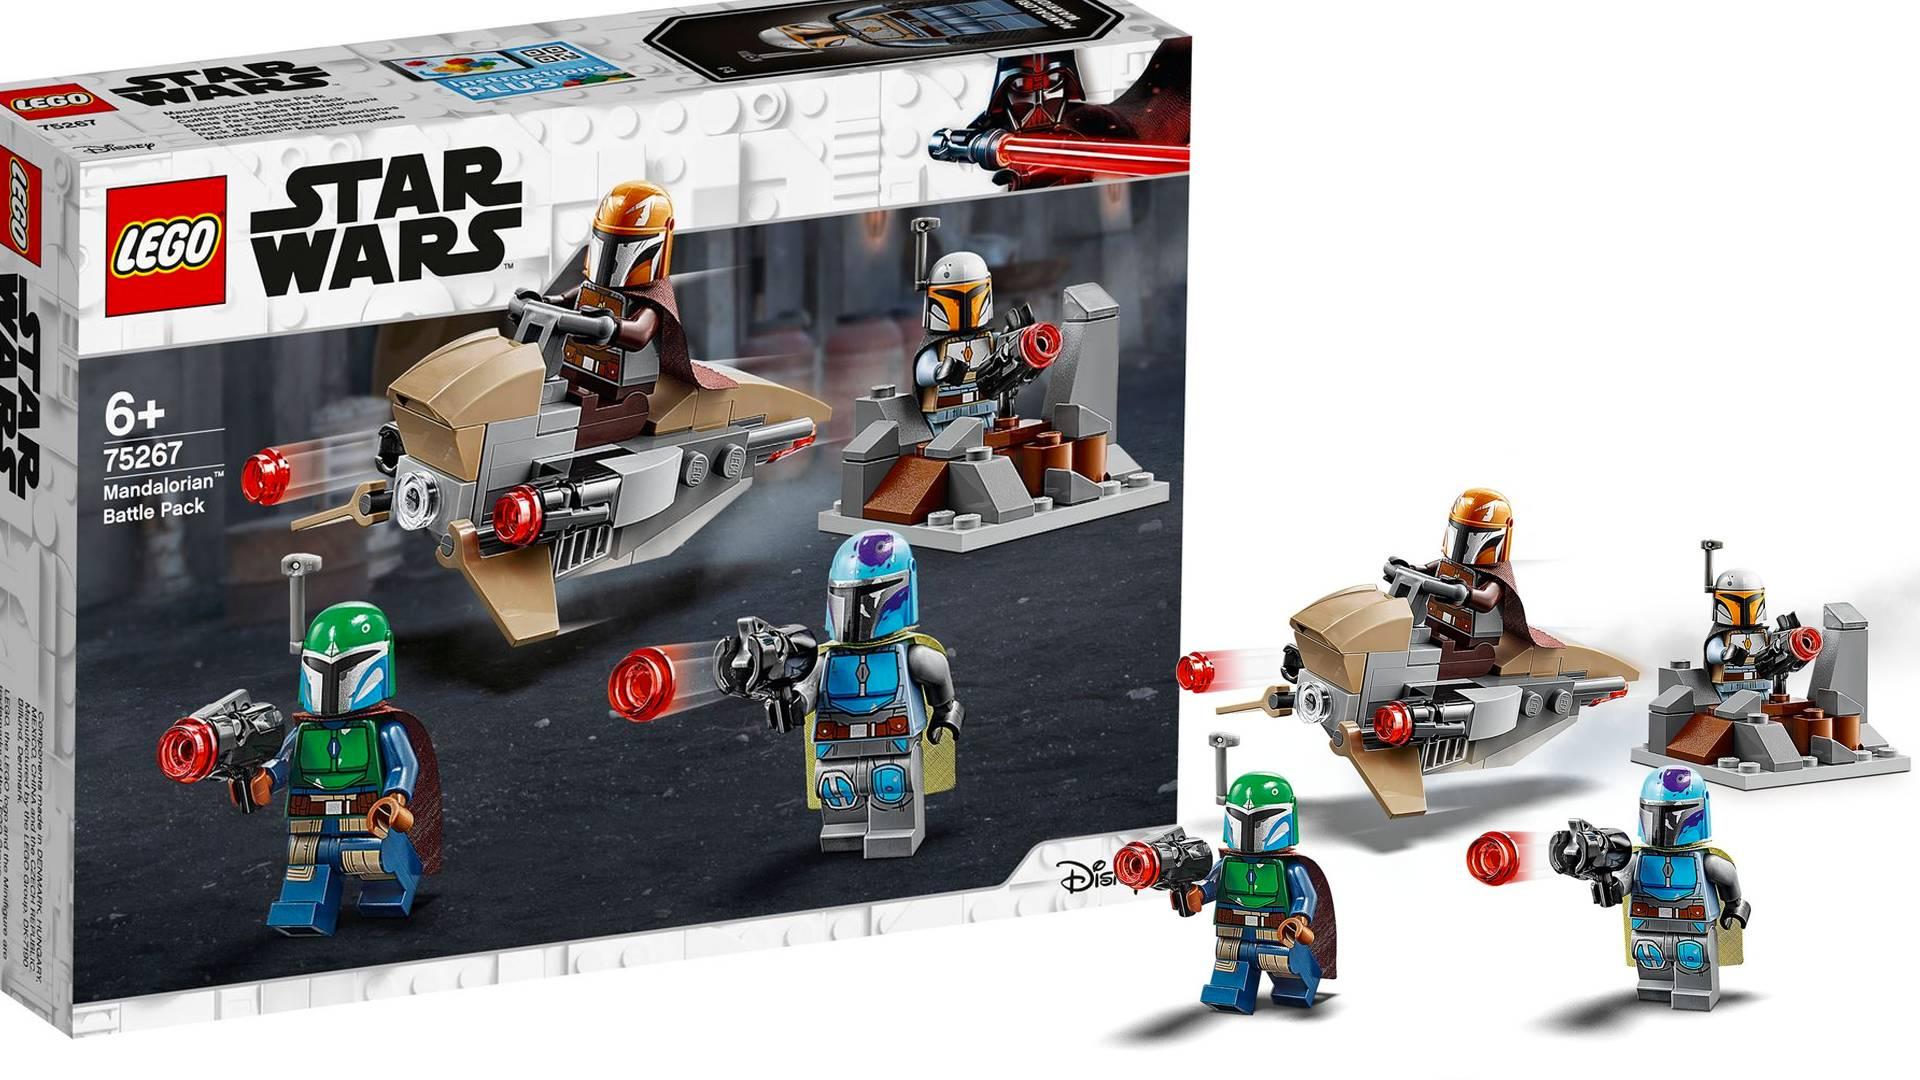 Lego 75267 - Mandalorian Battle Pack